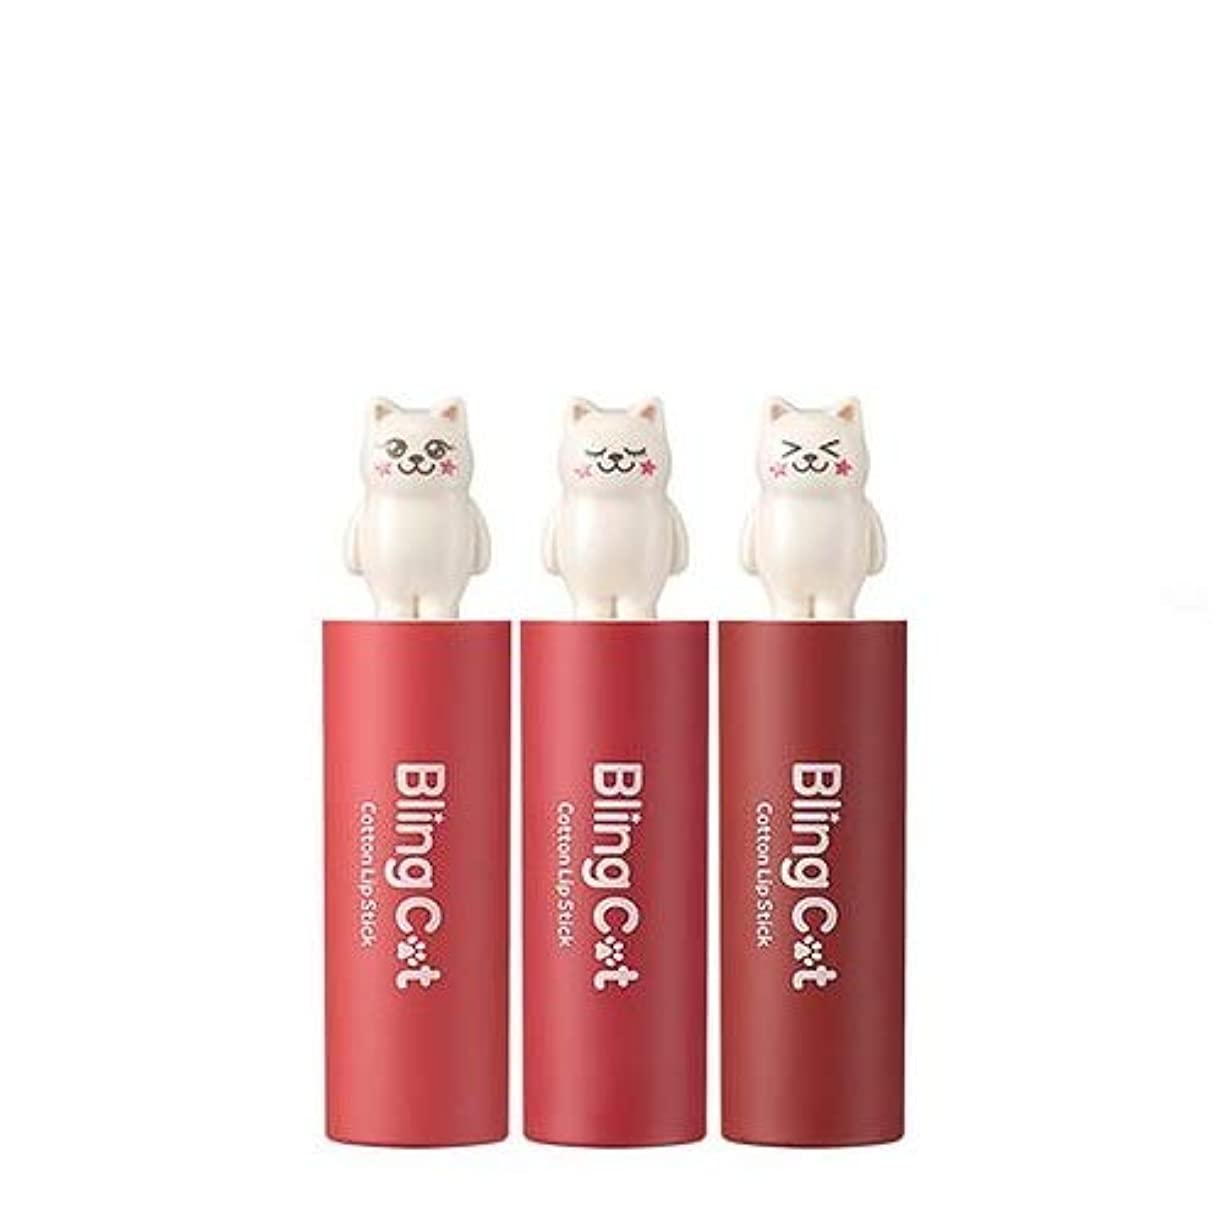 より多いスマイル岩トニーモリー ブリングキャット コットン リップスティック 3.4g / TONYMOLY Bling Cat Cotton Lipstick # 07. Lilac Tear [並行輸入品]